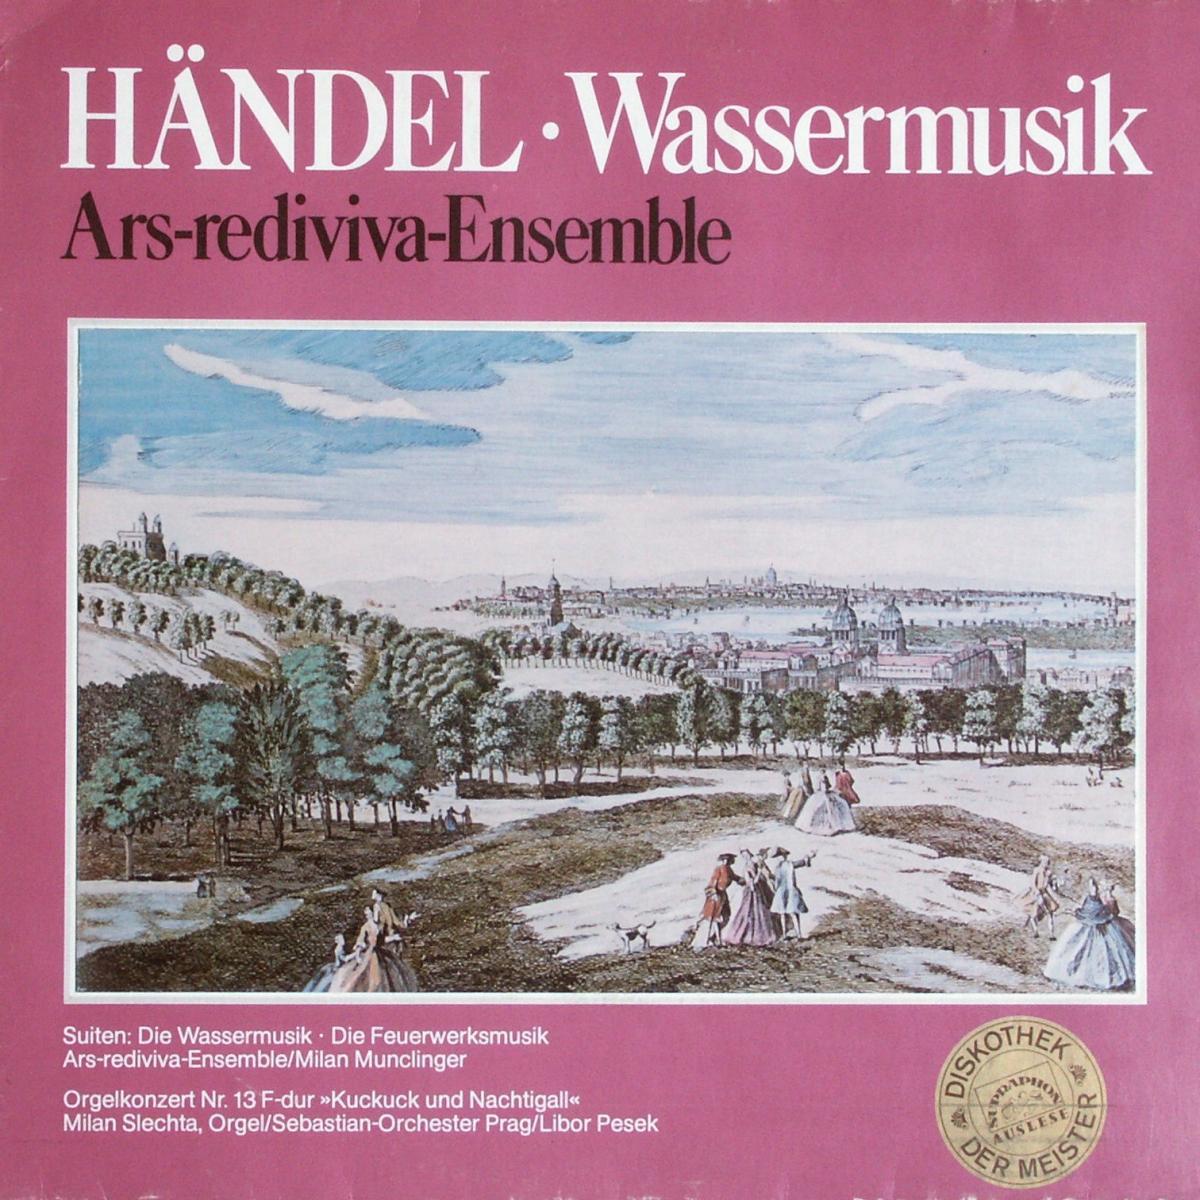 Händel - Wassermusik [LP]